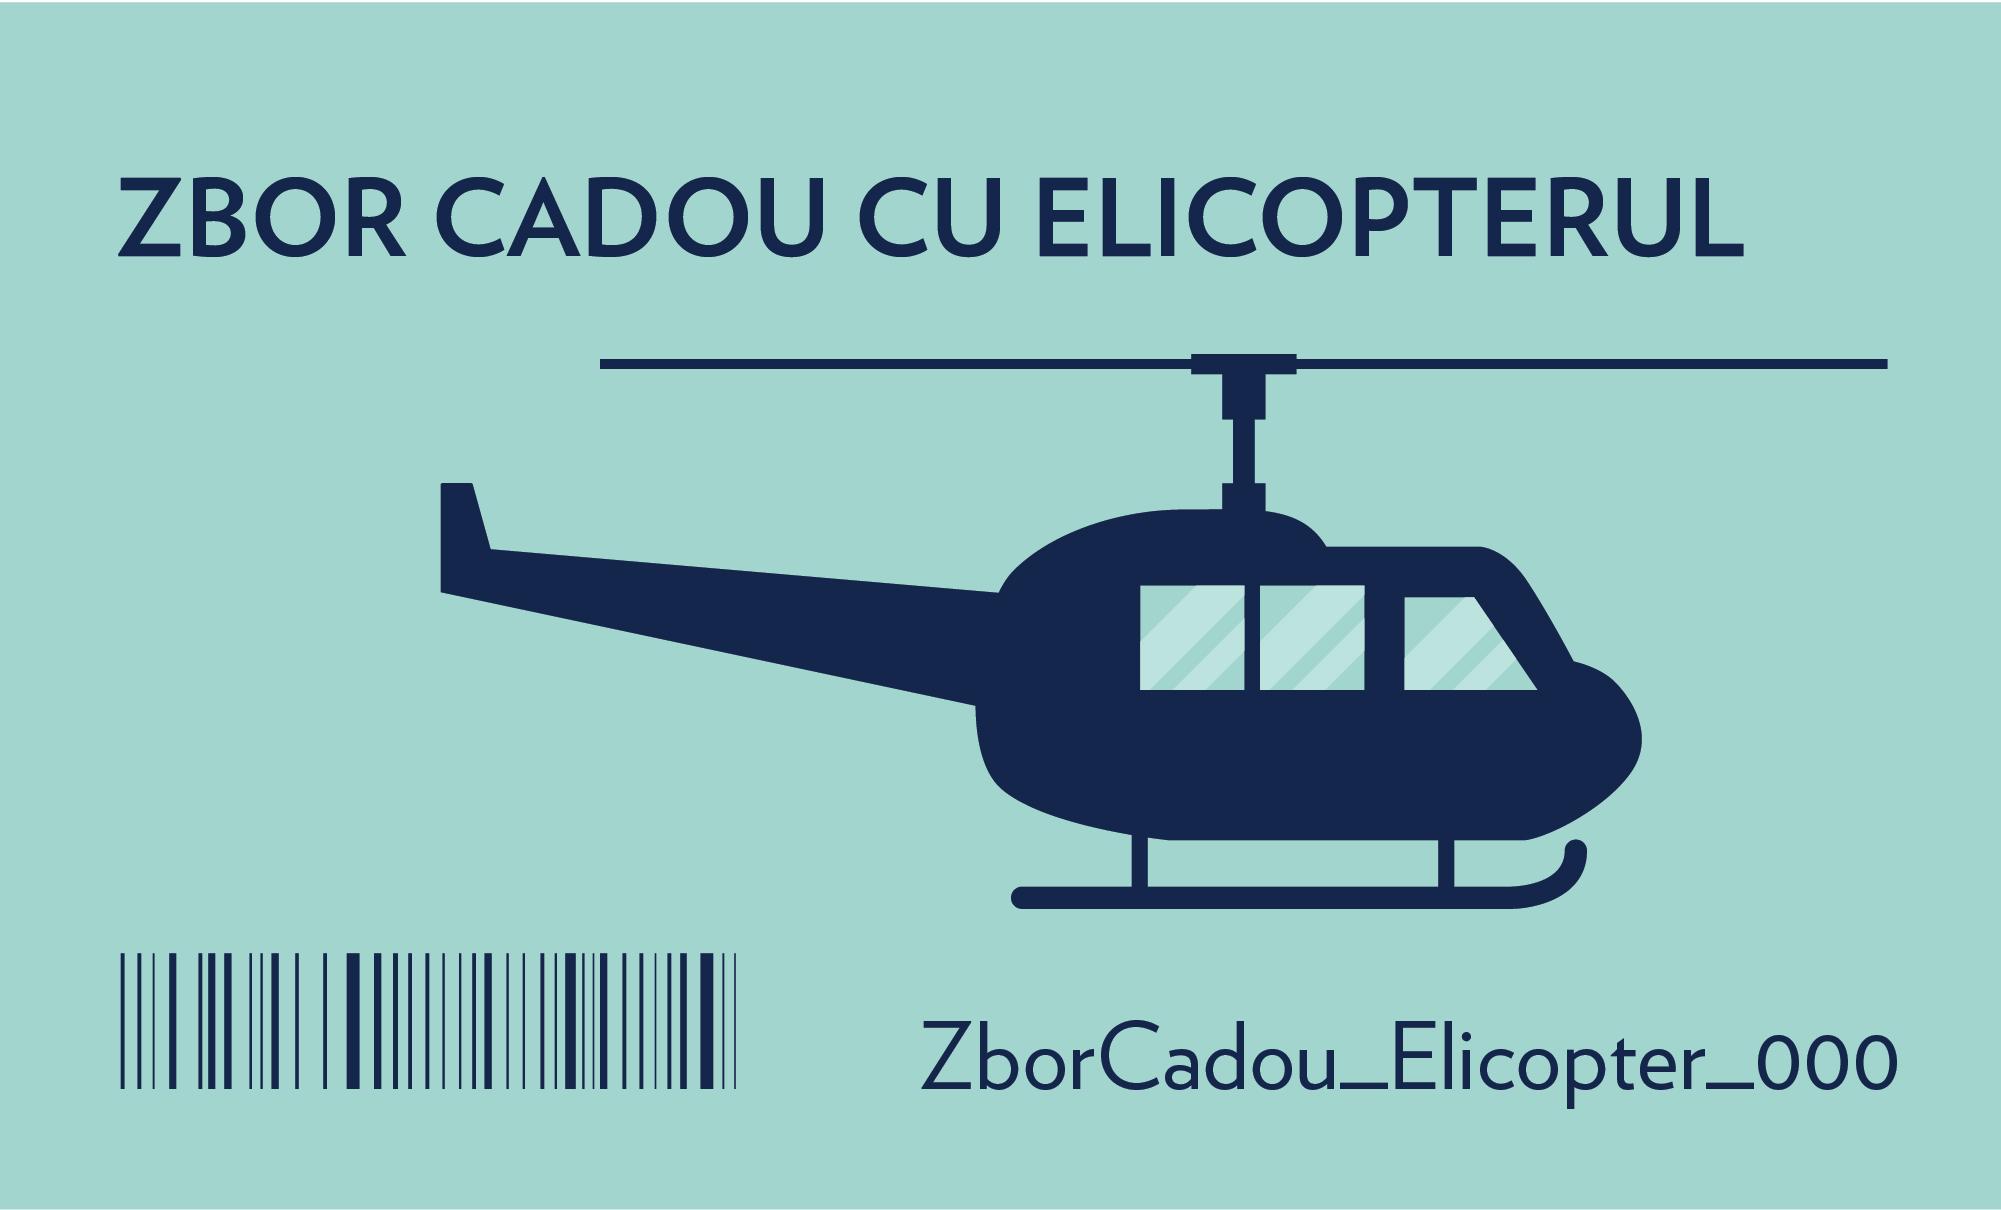 zbor cadou cu elicopterul